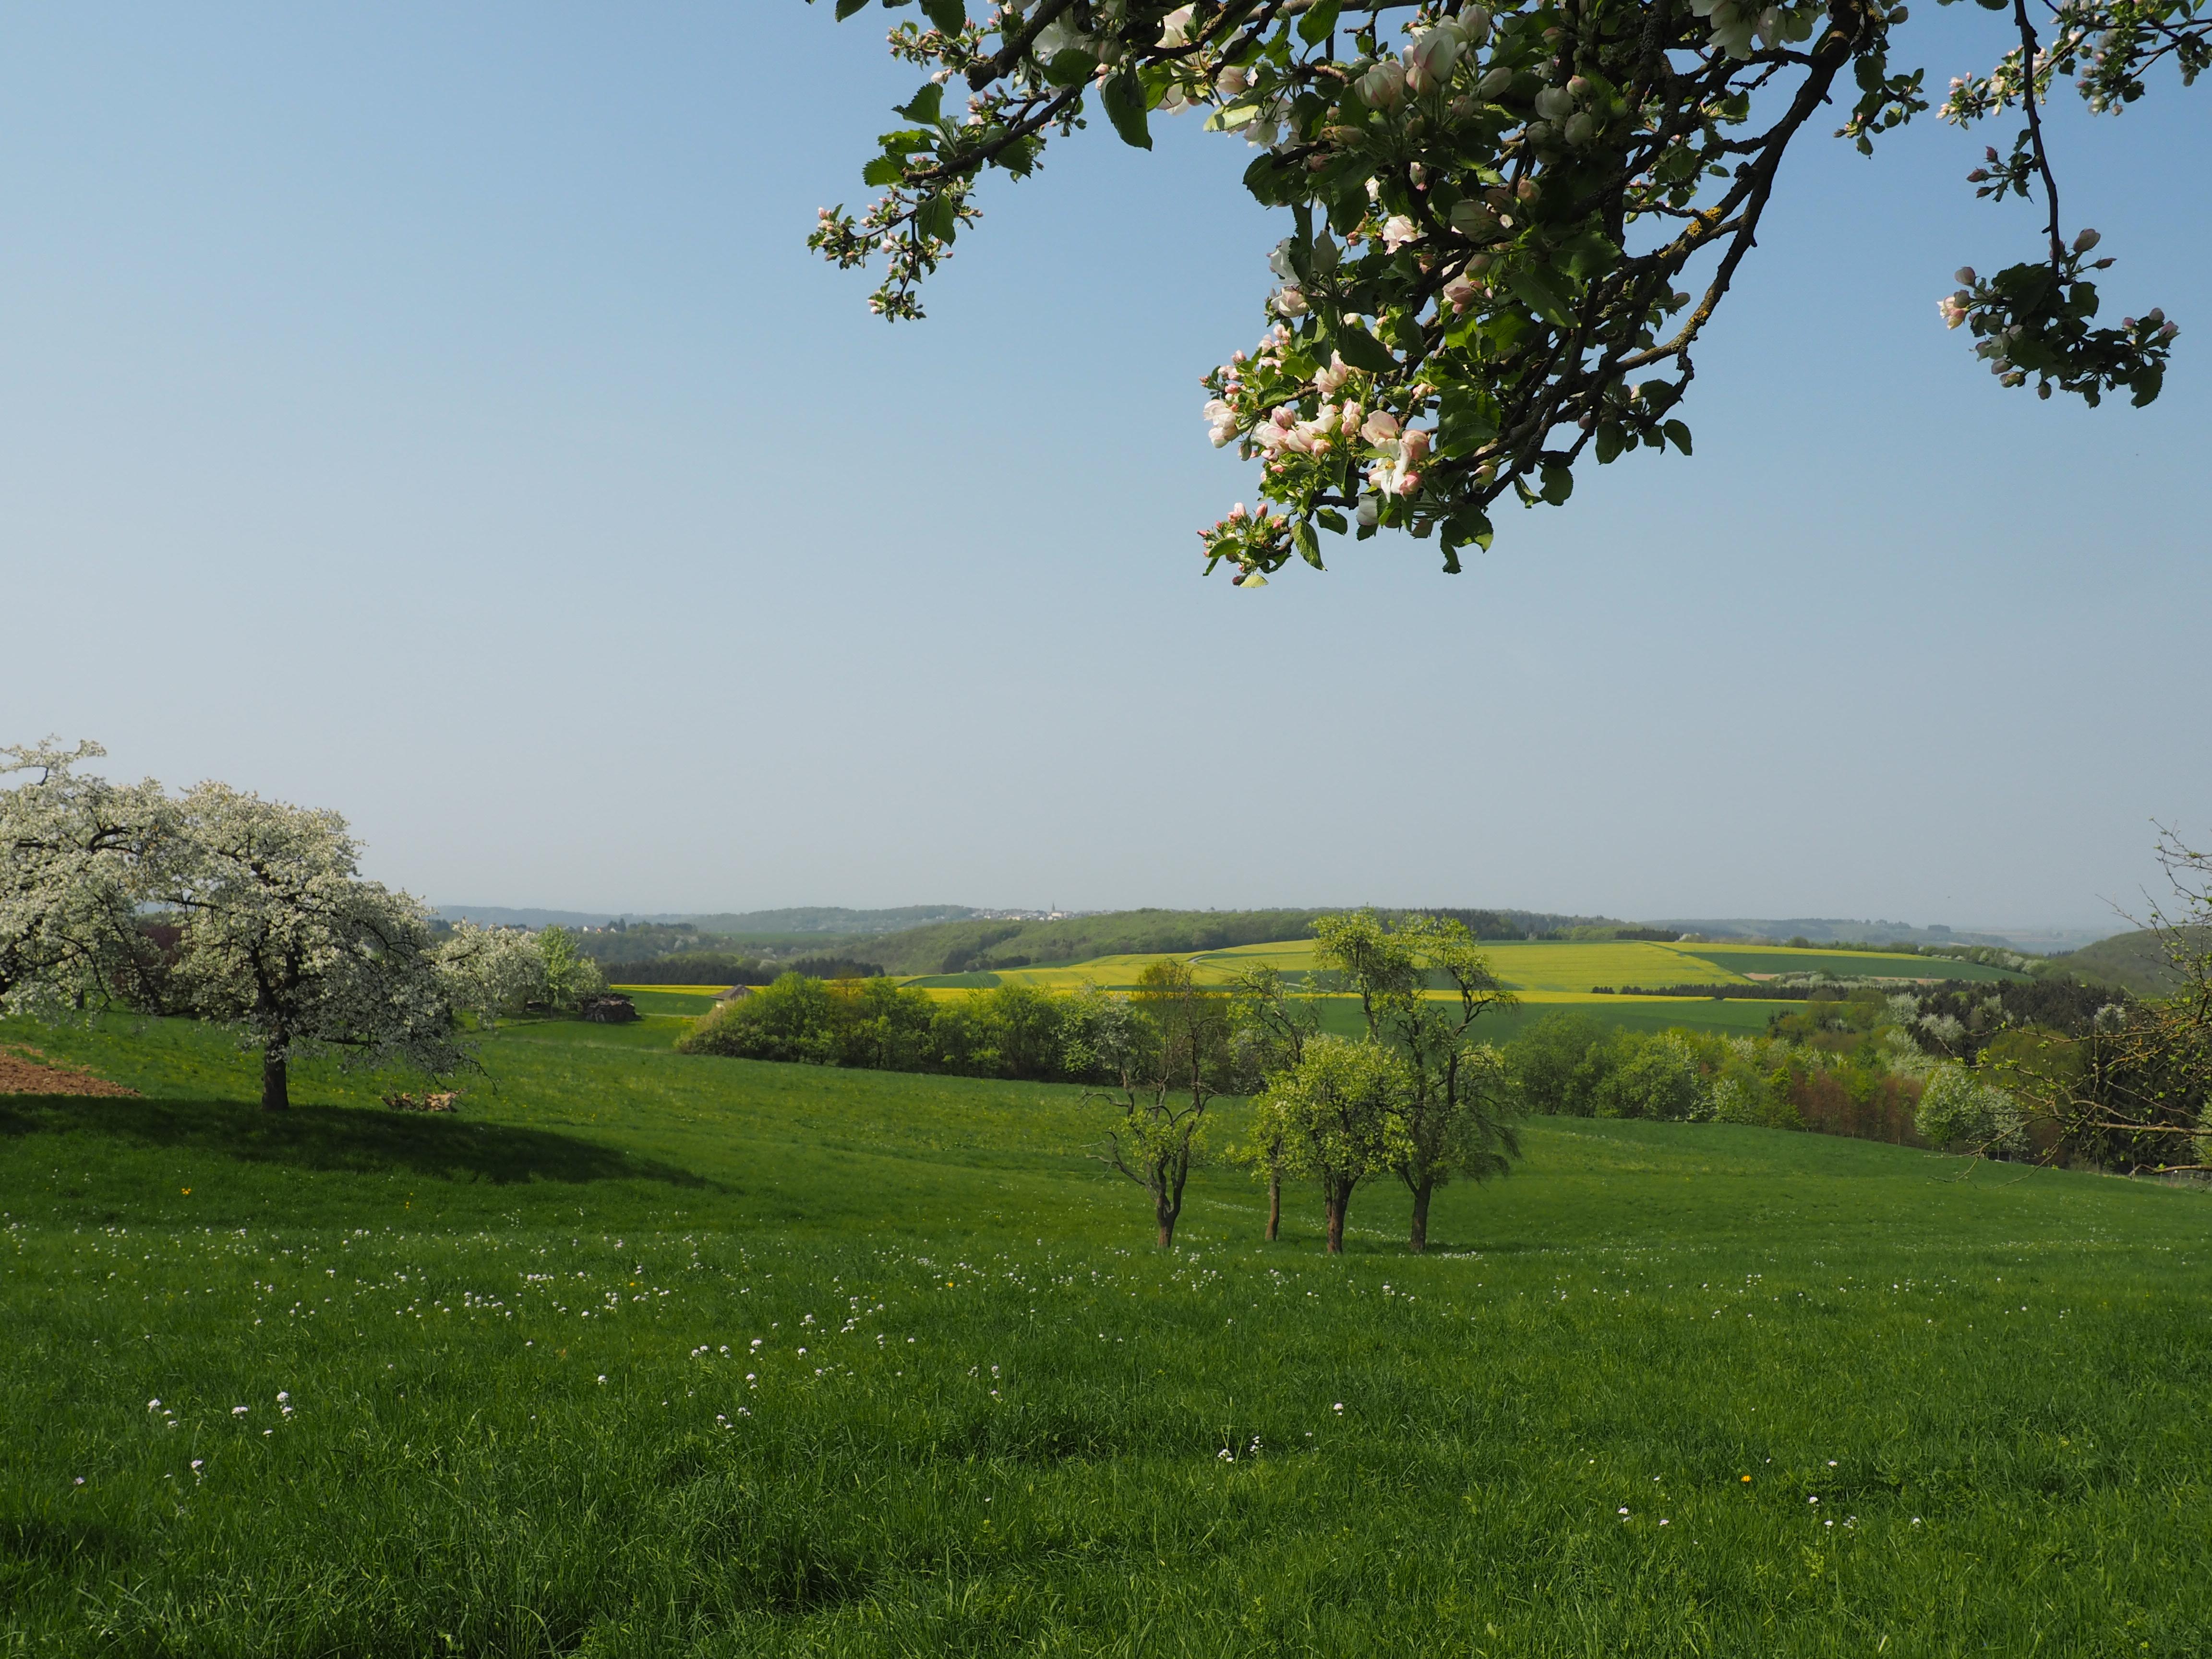 Wunderschöner Ausblick über den Hunsrück im Frühling bei unserer Wanderung durch die Ehrbachklamm